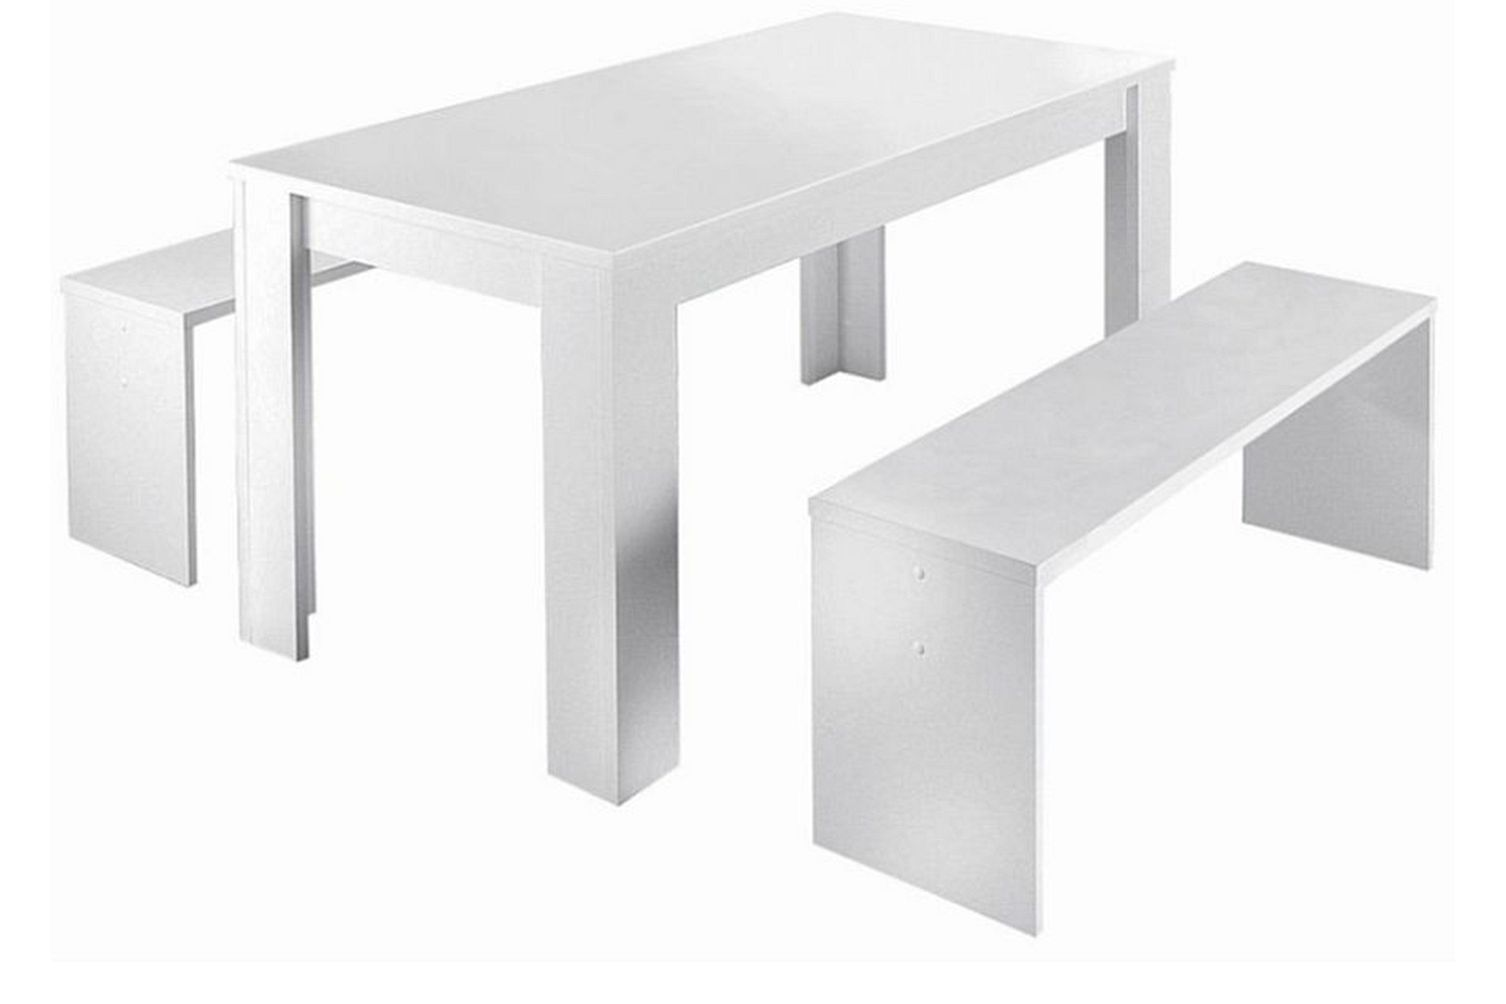 tischset esstischgruppe tischgruppe esstisch esstisch mit bank k chentisch neu ebay. Black Bedroom Furniture Sets. Home Design Ideas